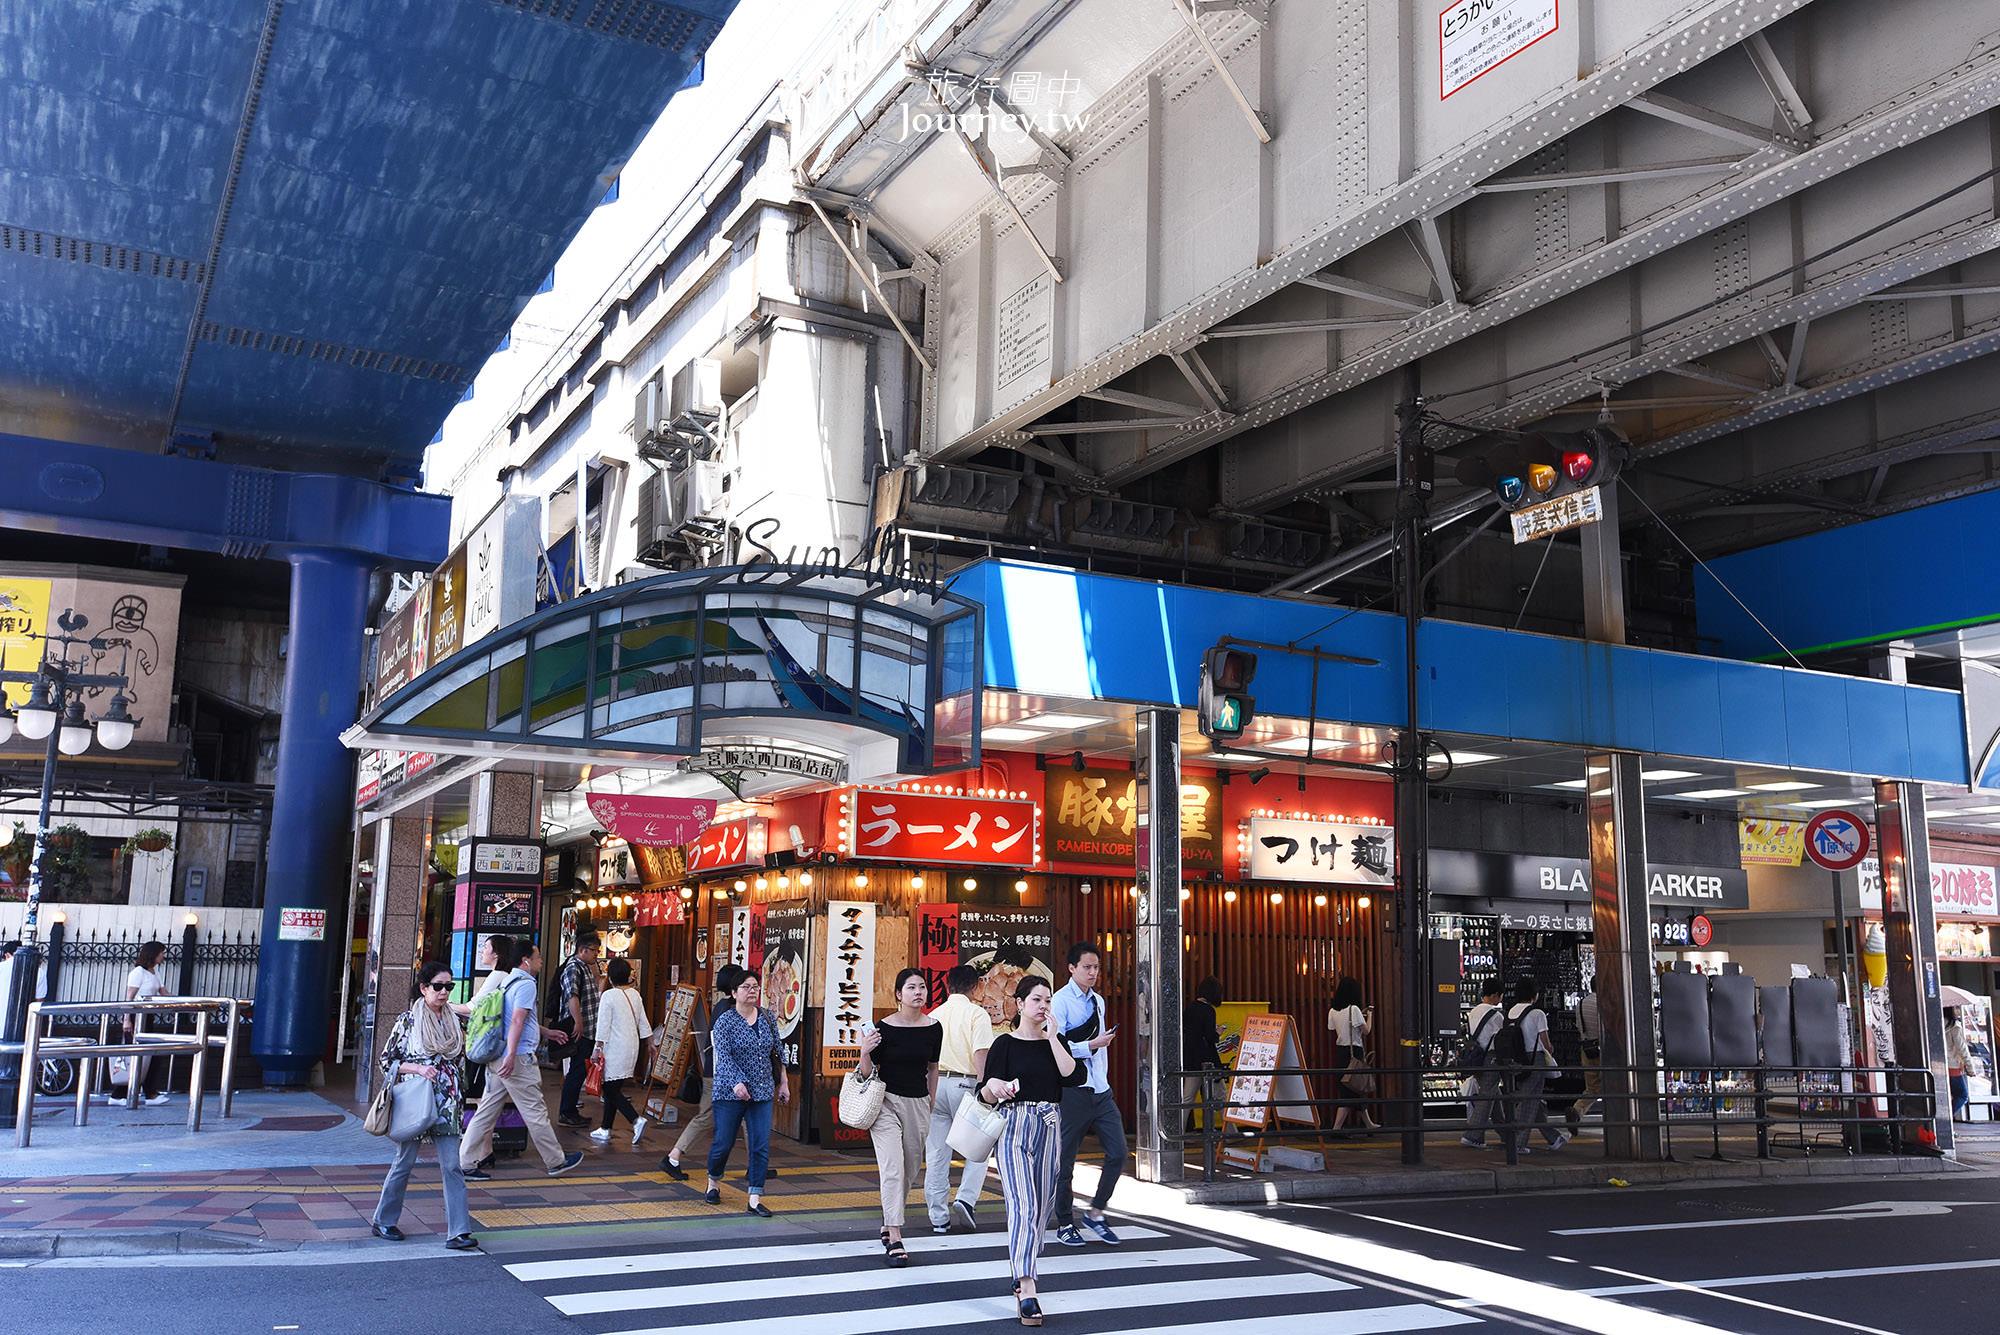 神戶住宿,三宮第一大飯店,Daiichi Grand Hotel Kobe Sannomiya